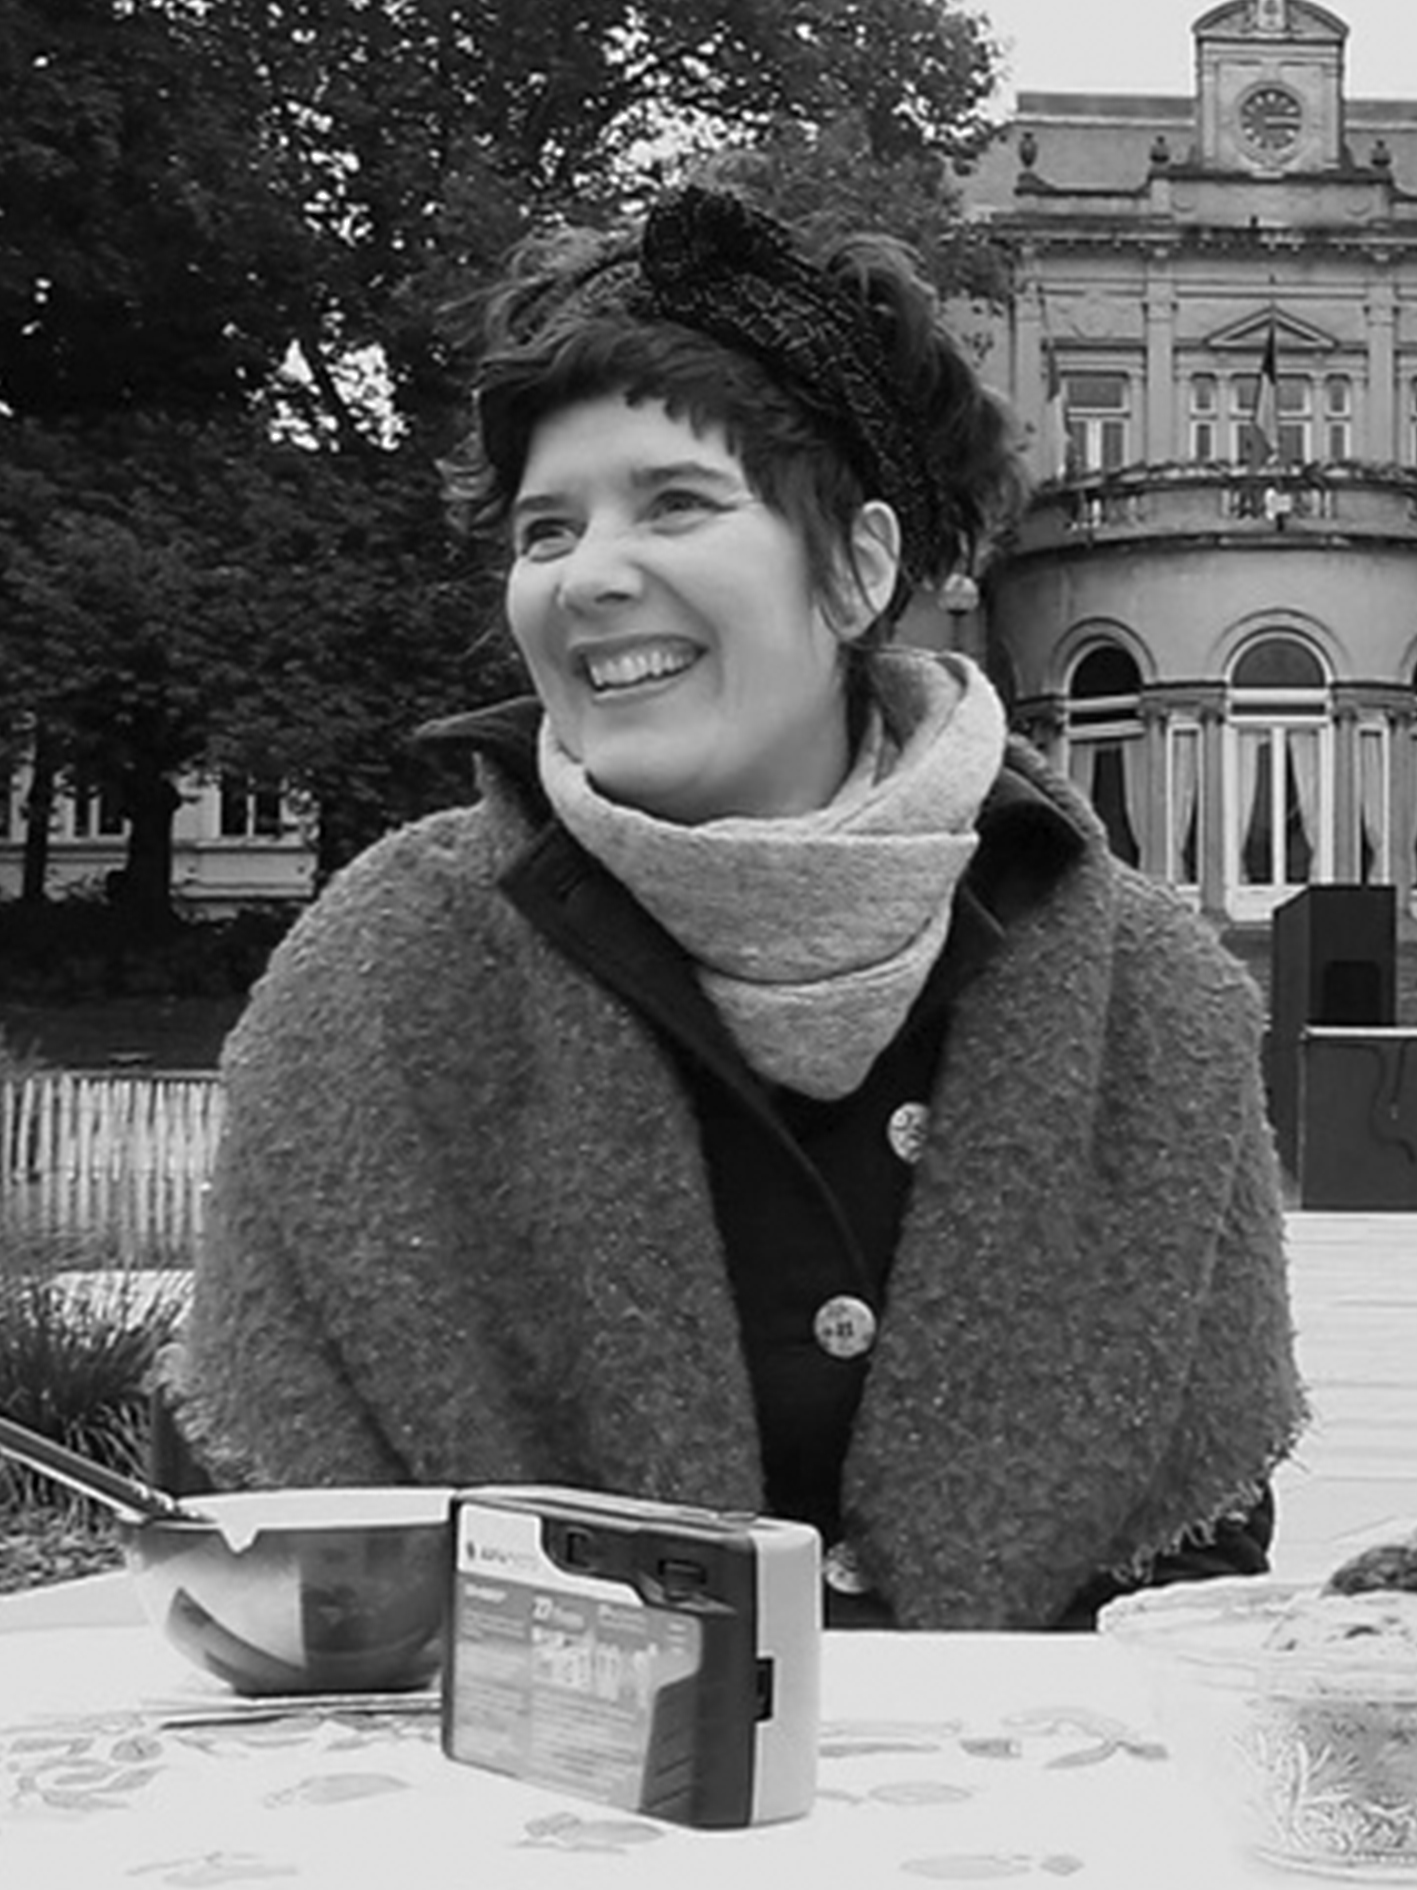 Claire Corniquet